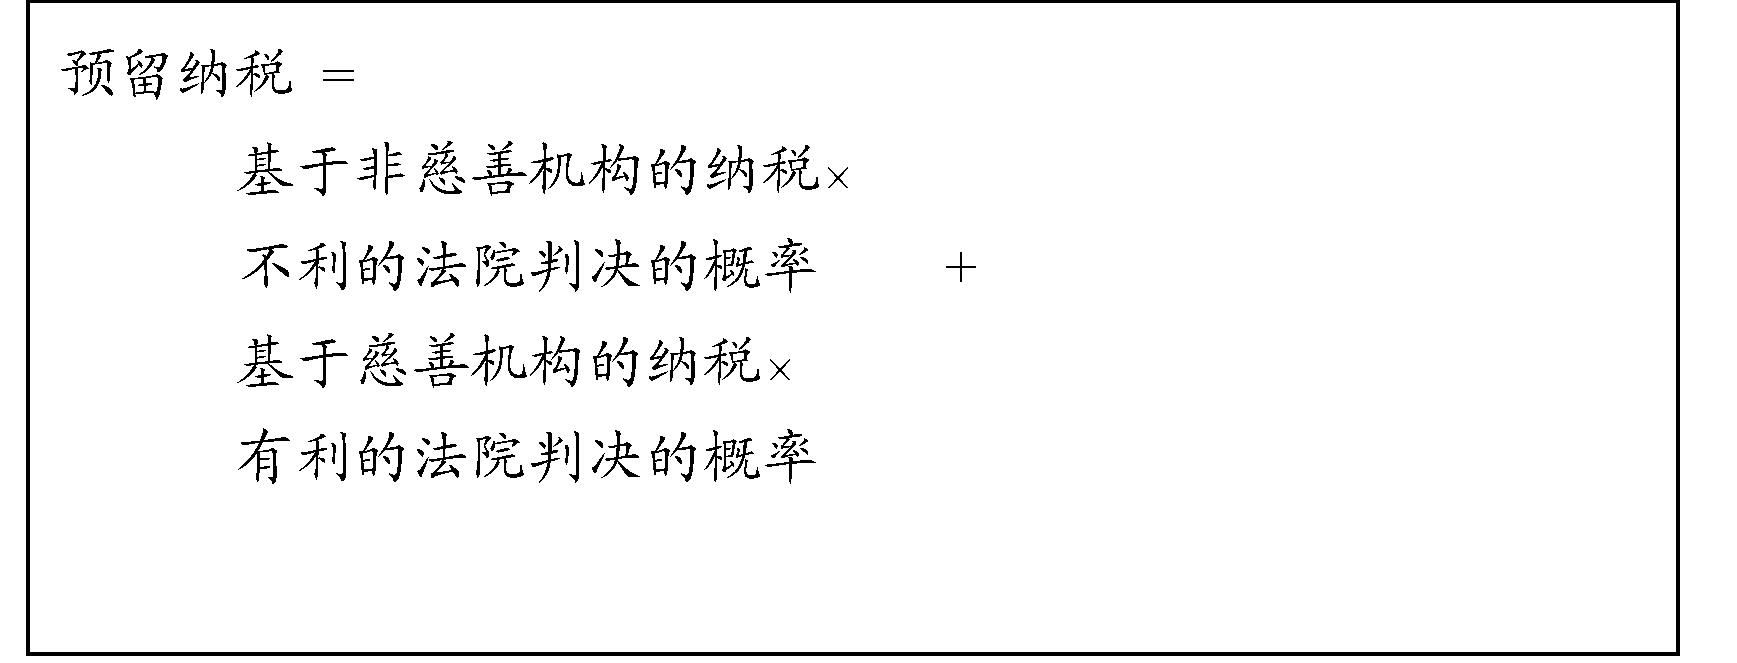 Figure CN102197406BD00361